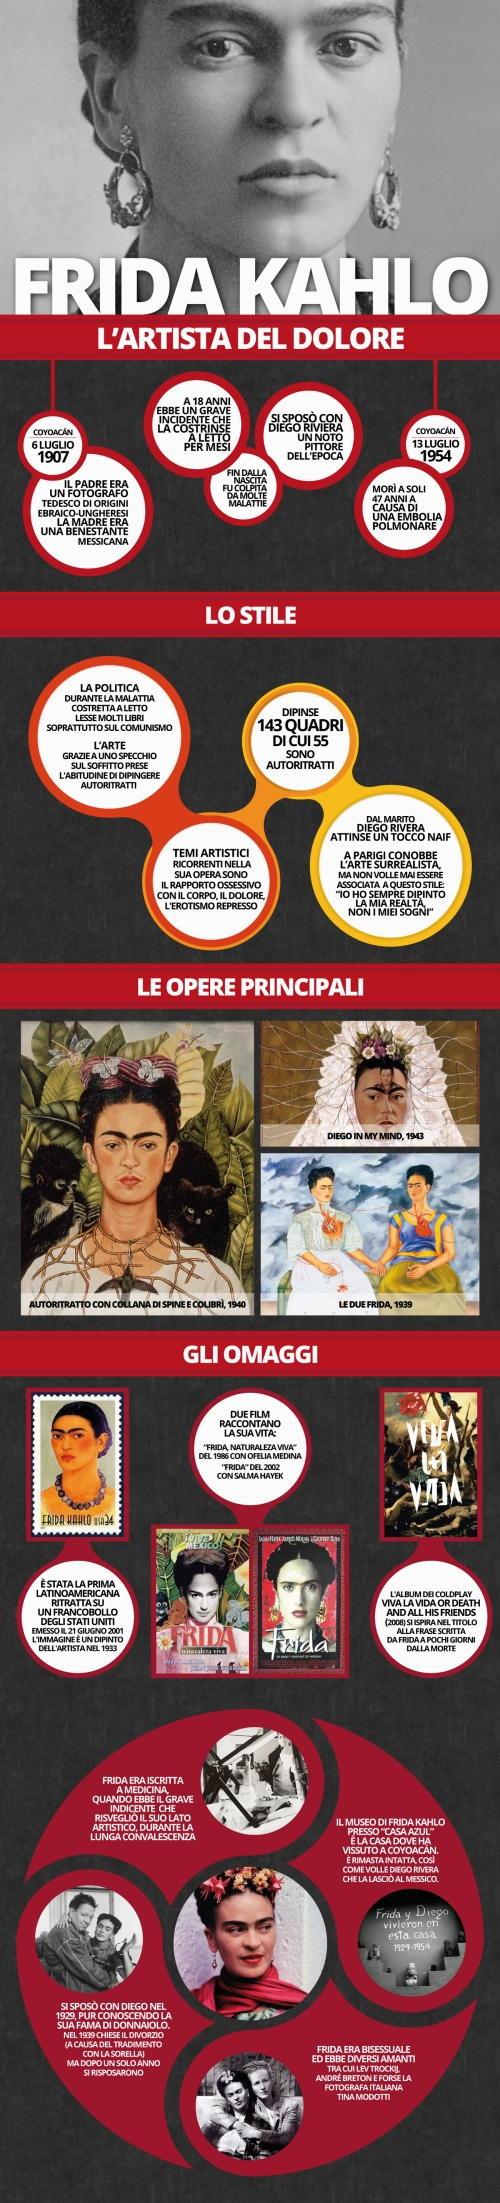 Schema sintetico di Frida Kahlo